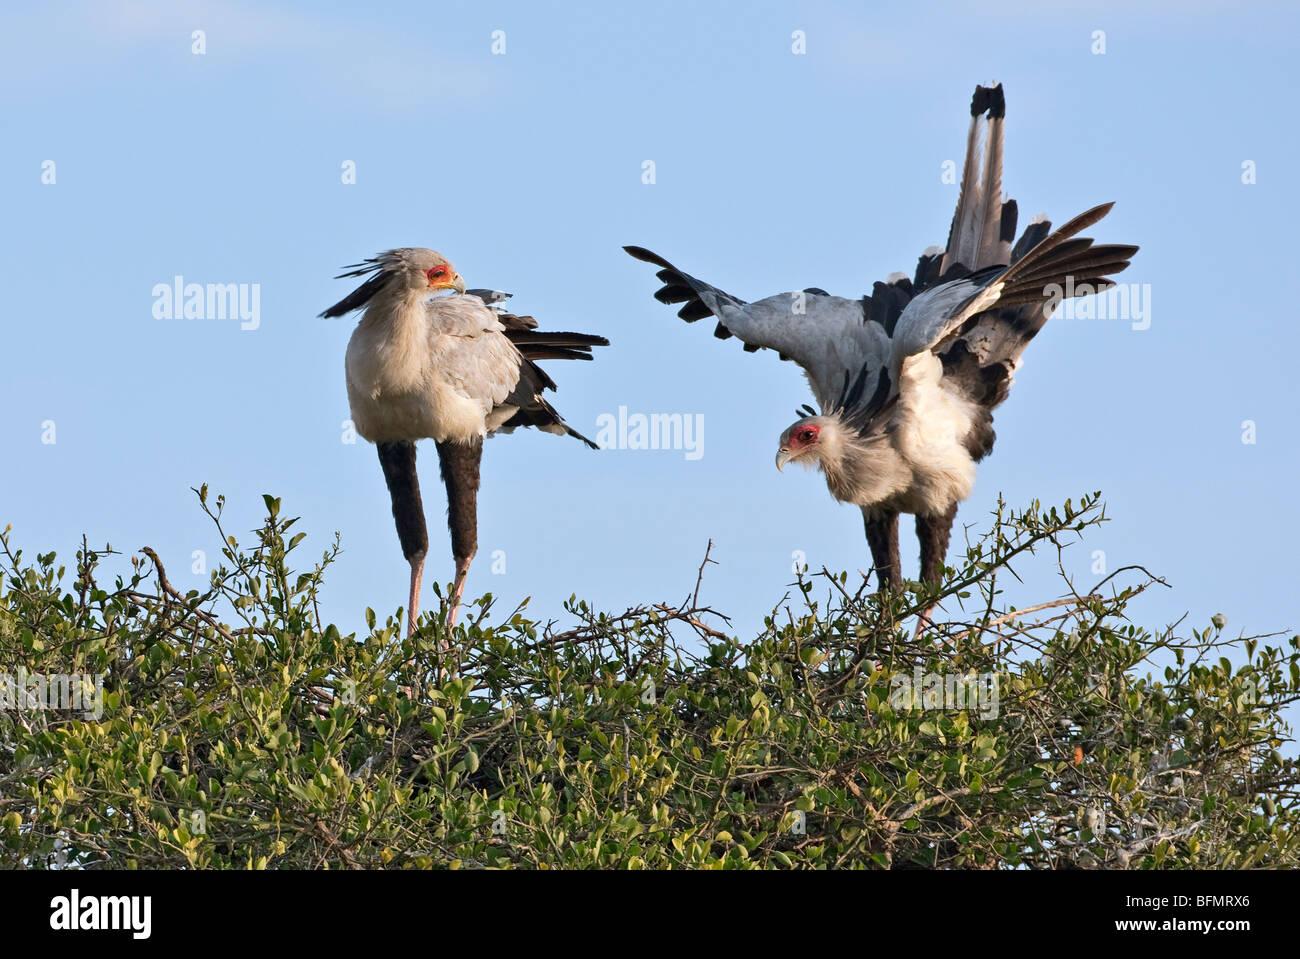 Au Kenya. Une paire d'oiseaux nicheurs en secrétaire Masai Mara National Reserve. Photo Stock